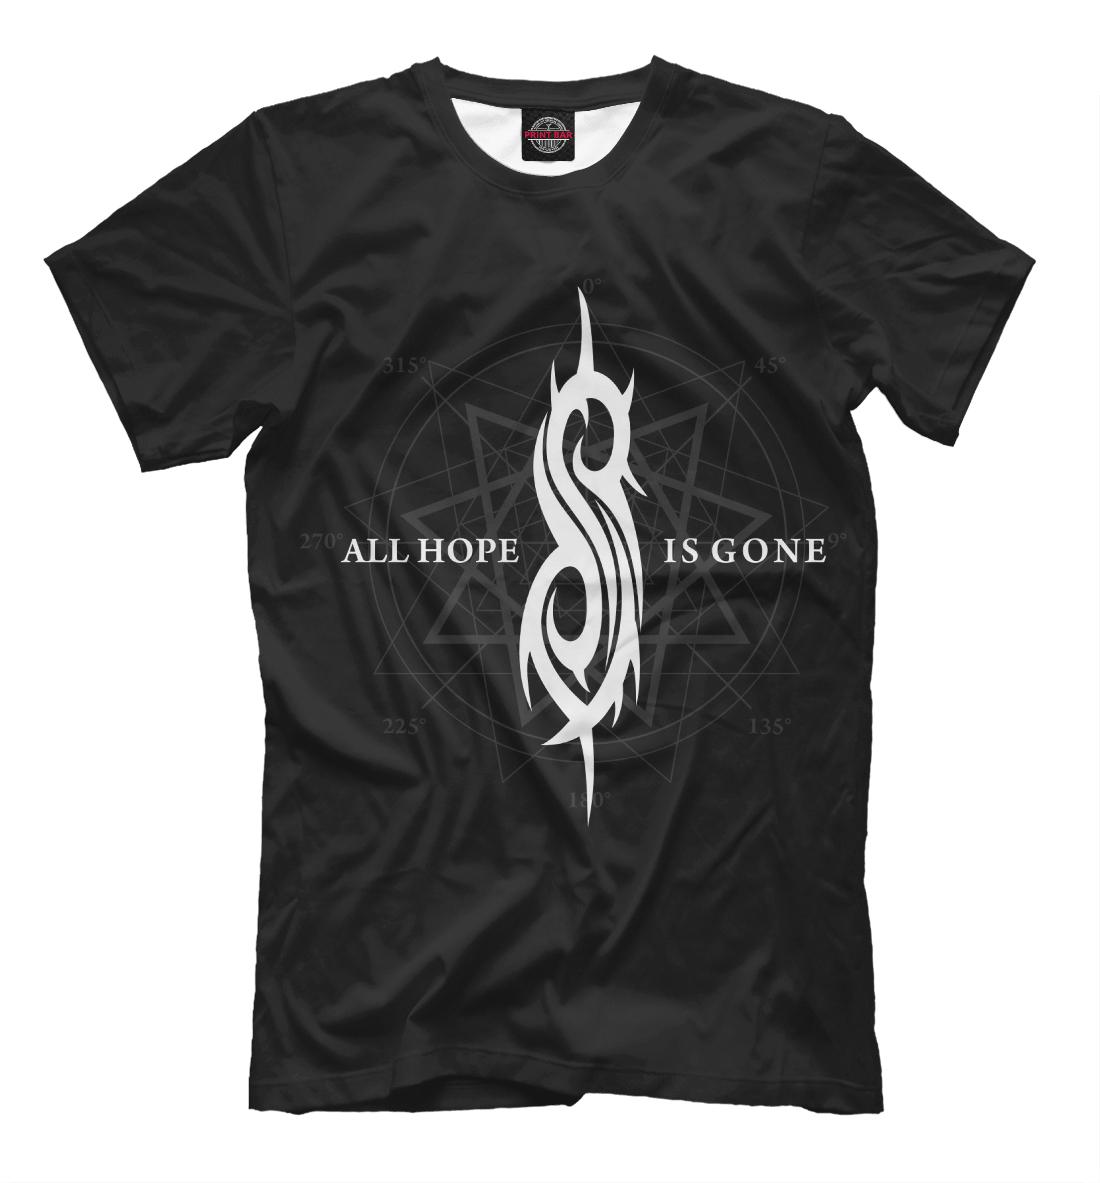 Купить Мужская футболка Slipknot SLI-992524-fut-2